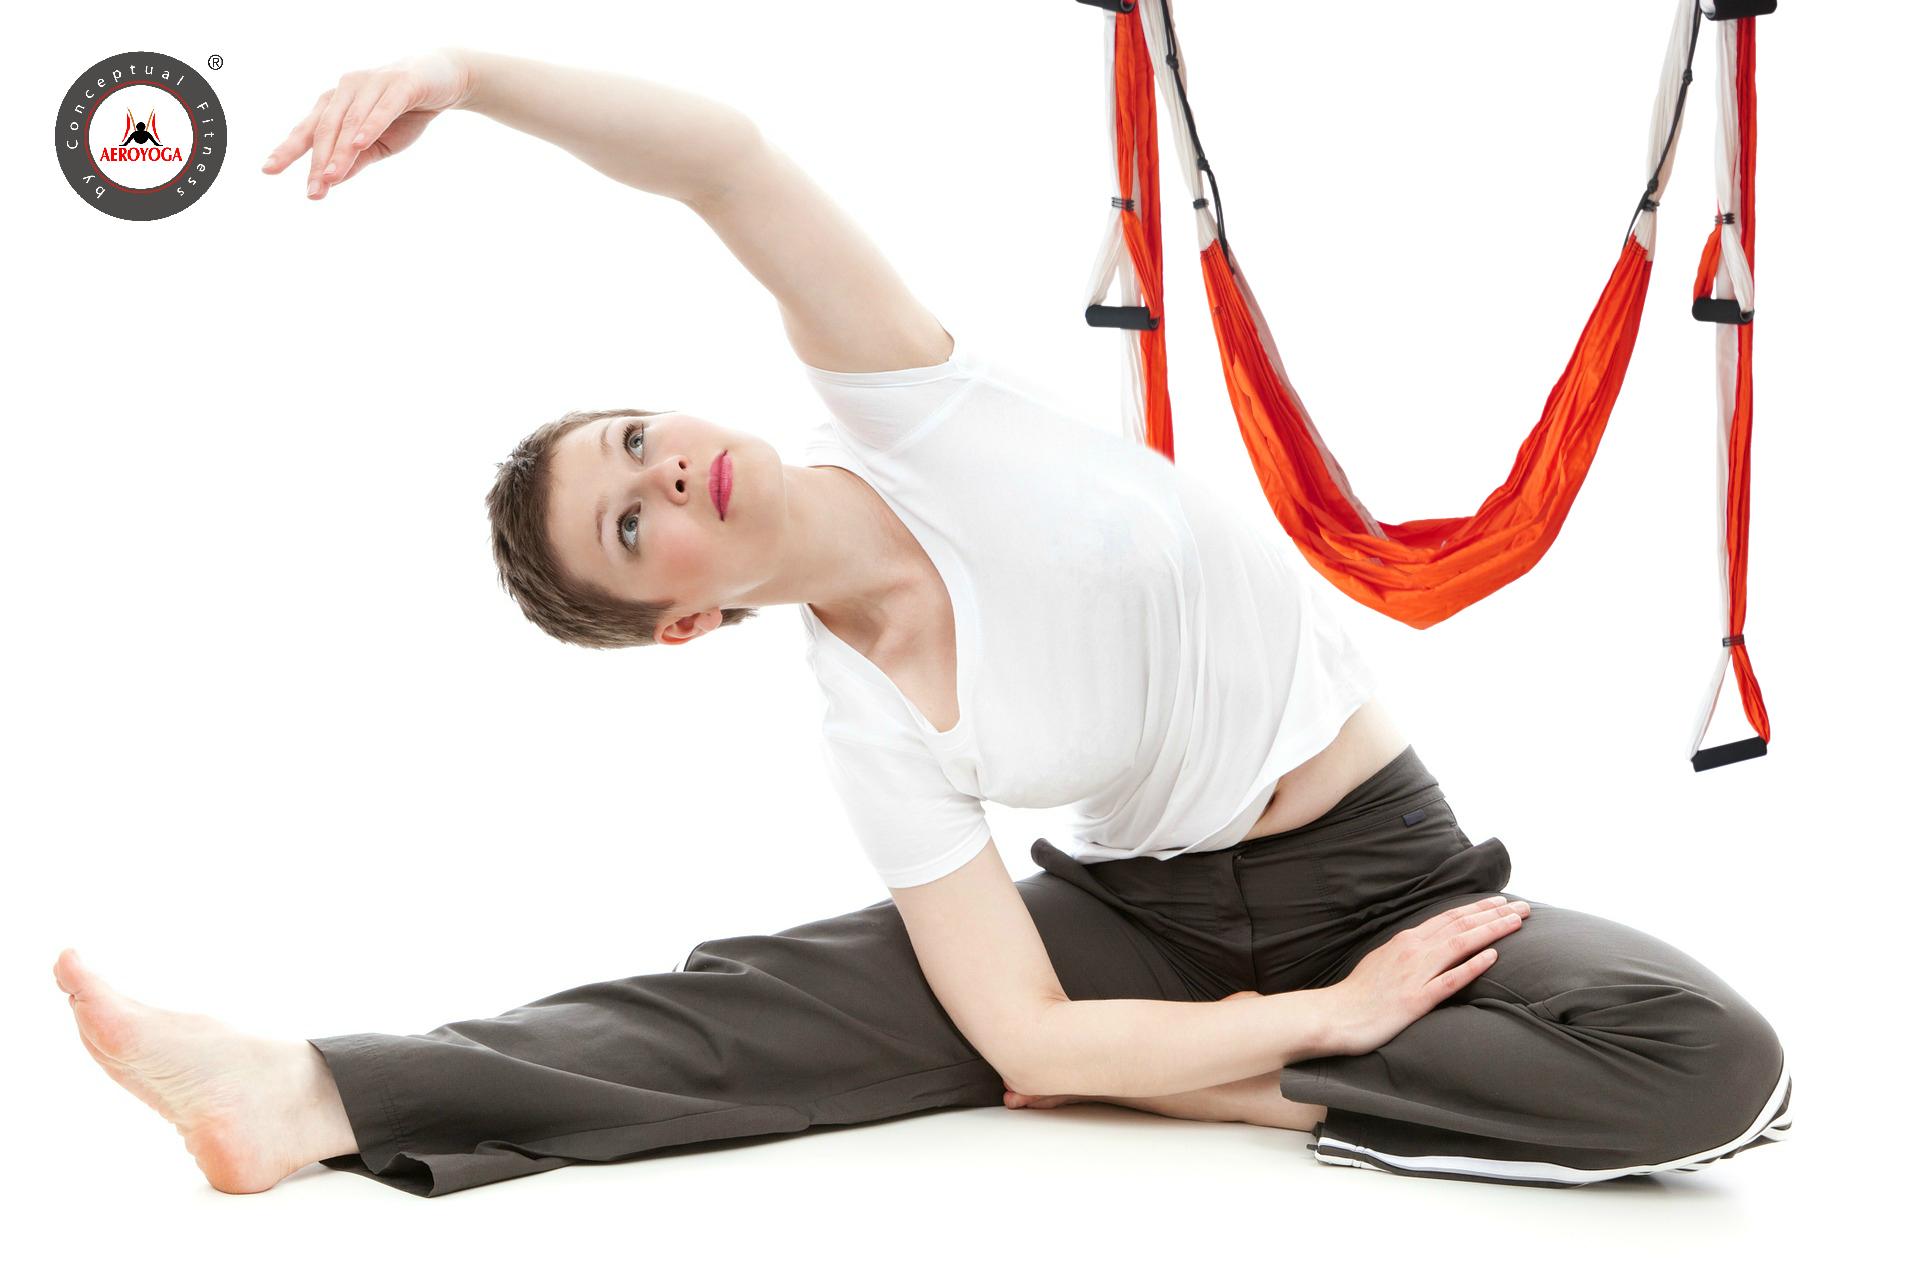 Yoga Aéreo: Adelgazar con AeroYoga ® es Posible